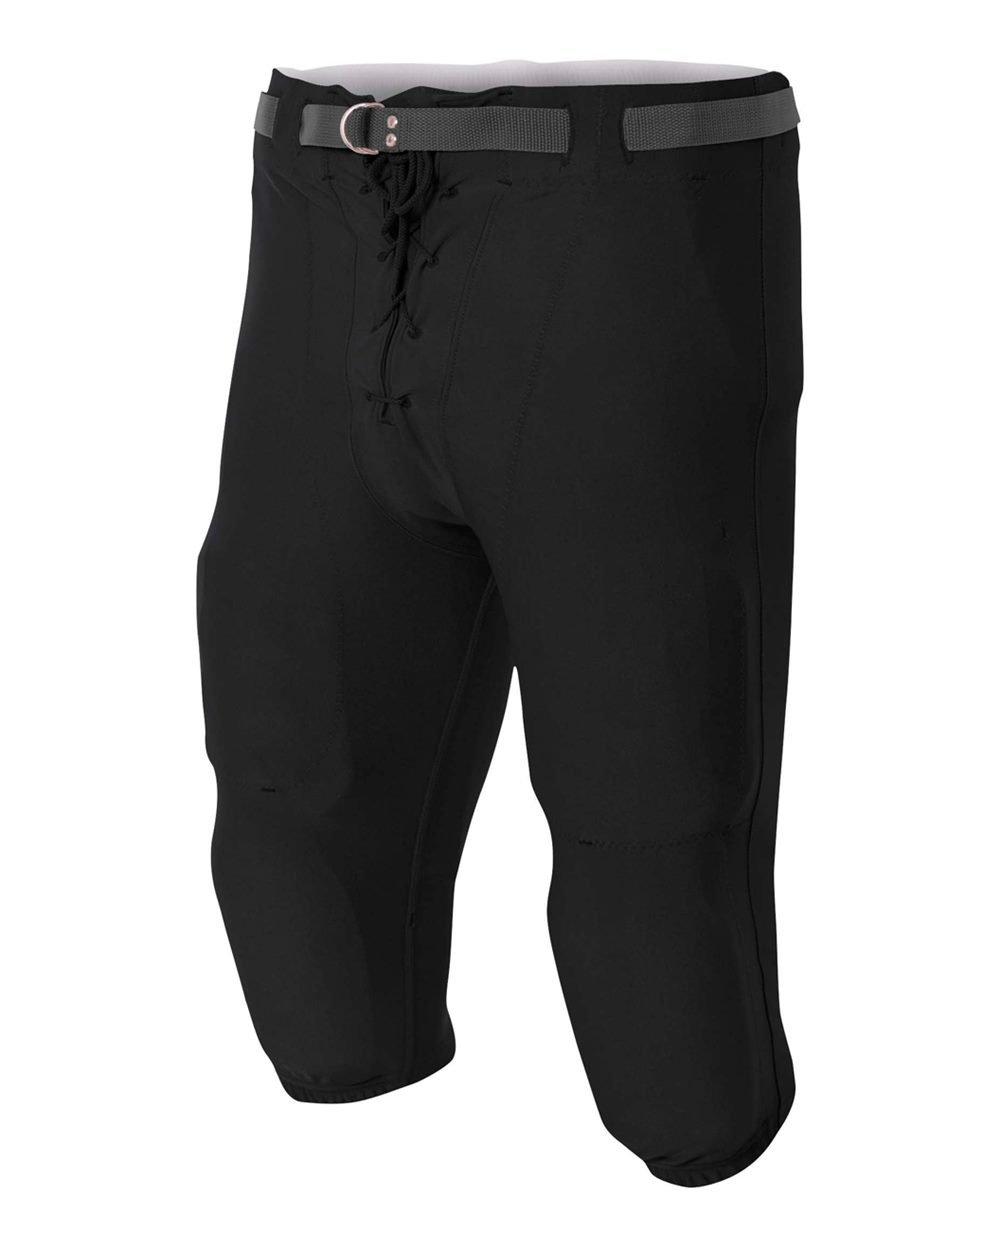 Football Game & Practice Moisture Wickingクール快適パンツwith Knee & Thigh Padポケット(ブラック、ホワイト、子供&大人サイズ、) B06VVSFC9F ブラック Youth Medium